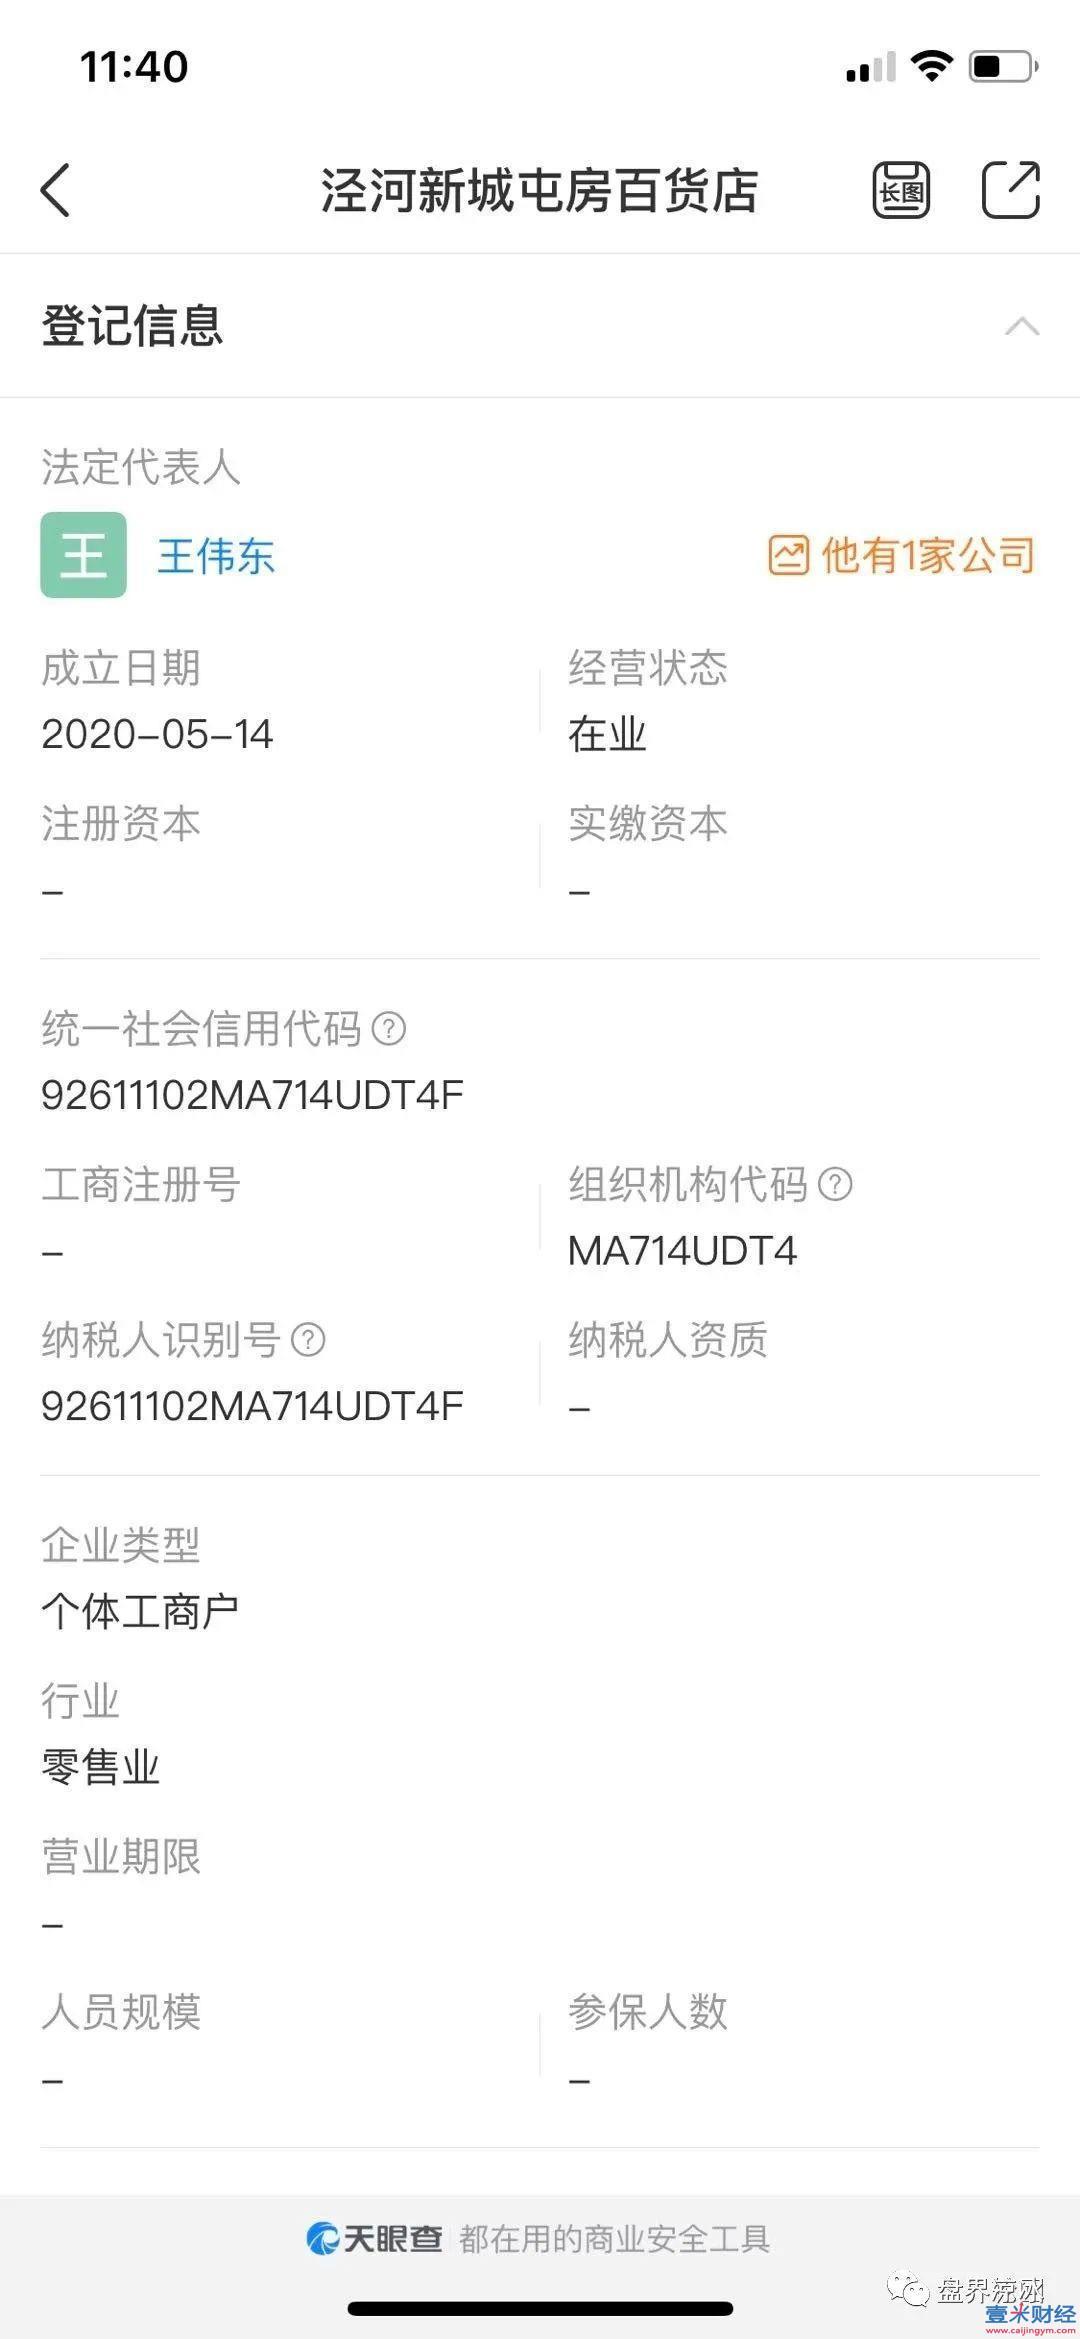 龙之世界最新消息:陈海成王伟东开盘的星探马上崩盘,本草合约已崩盘 !图(9)